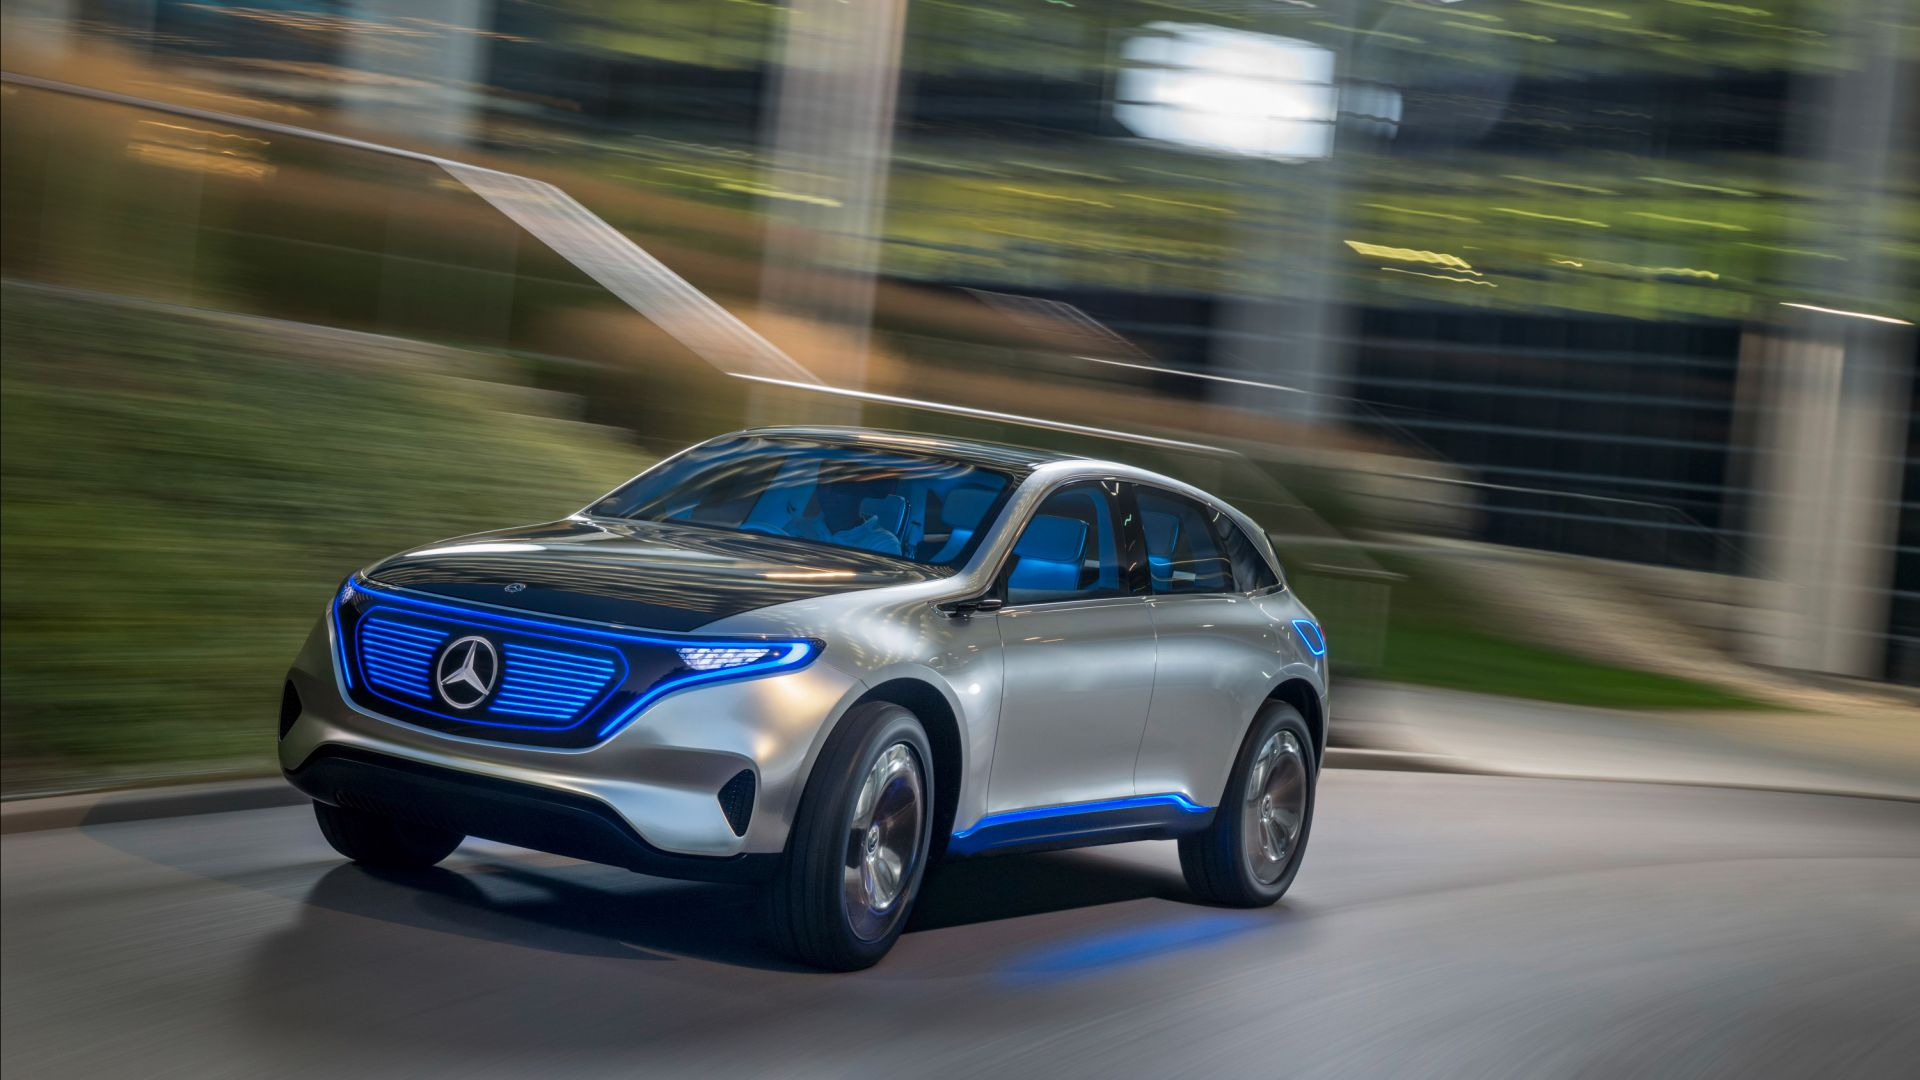 Wallpaper Mercedes Benz EQC SUV 2019 Cars electric cars 4K 1920x1080